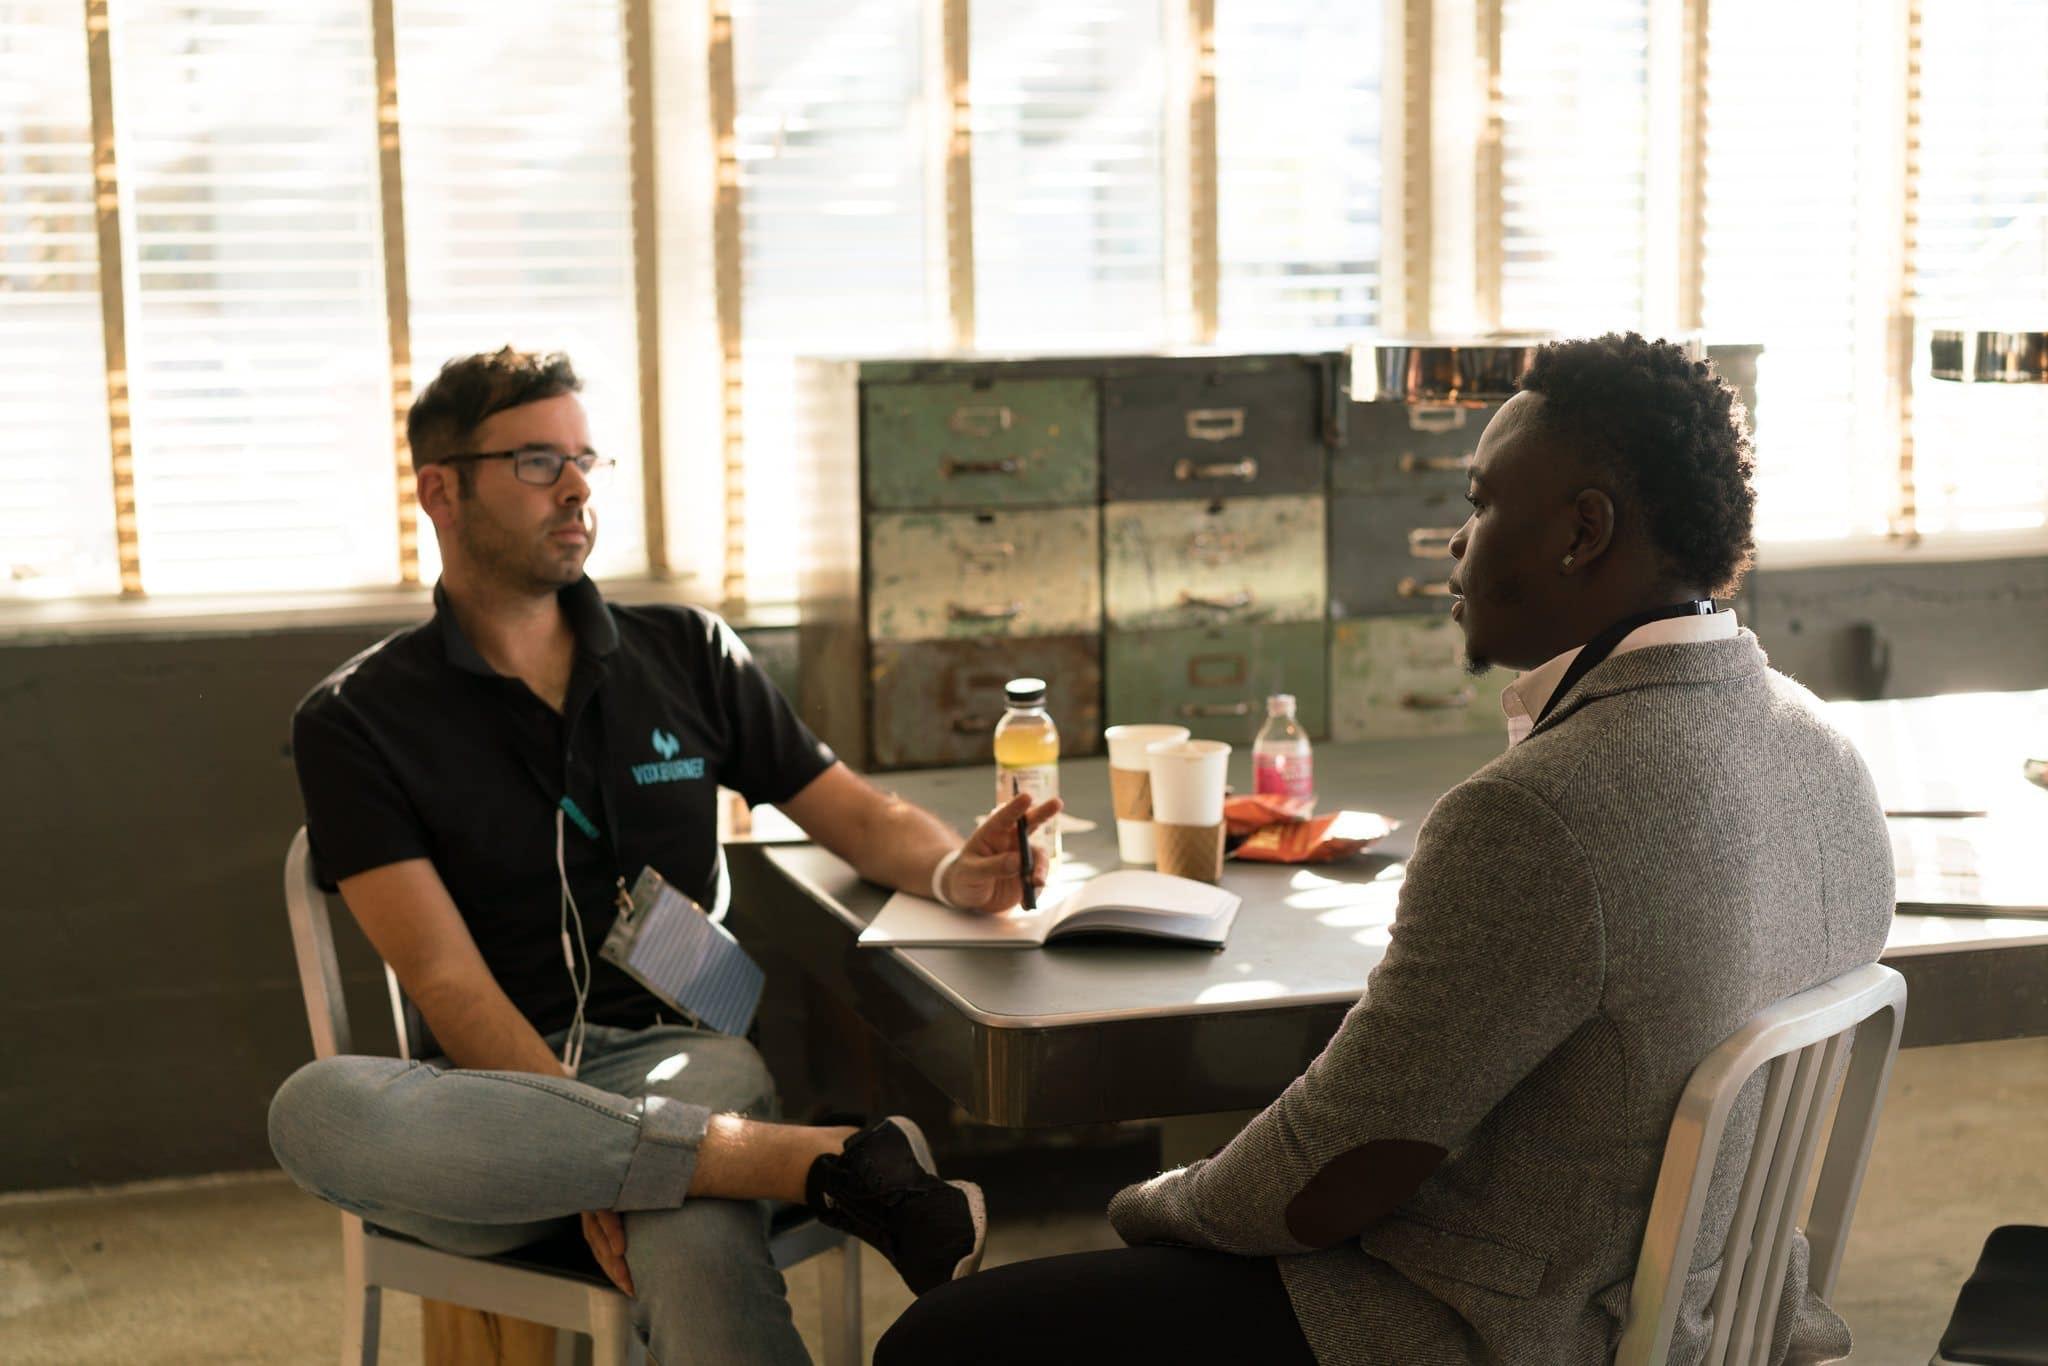 entrepreneur startup business